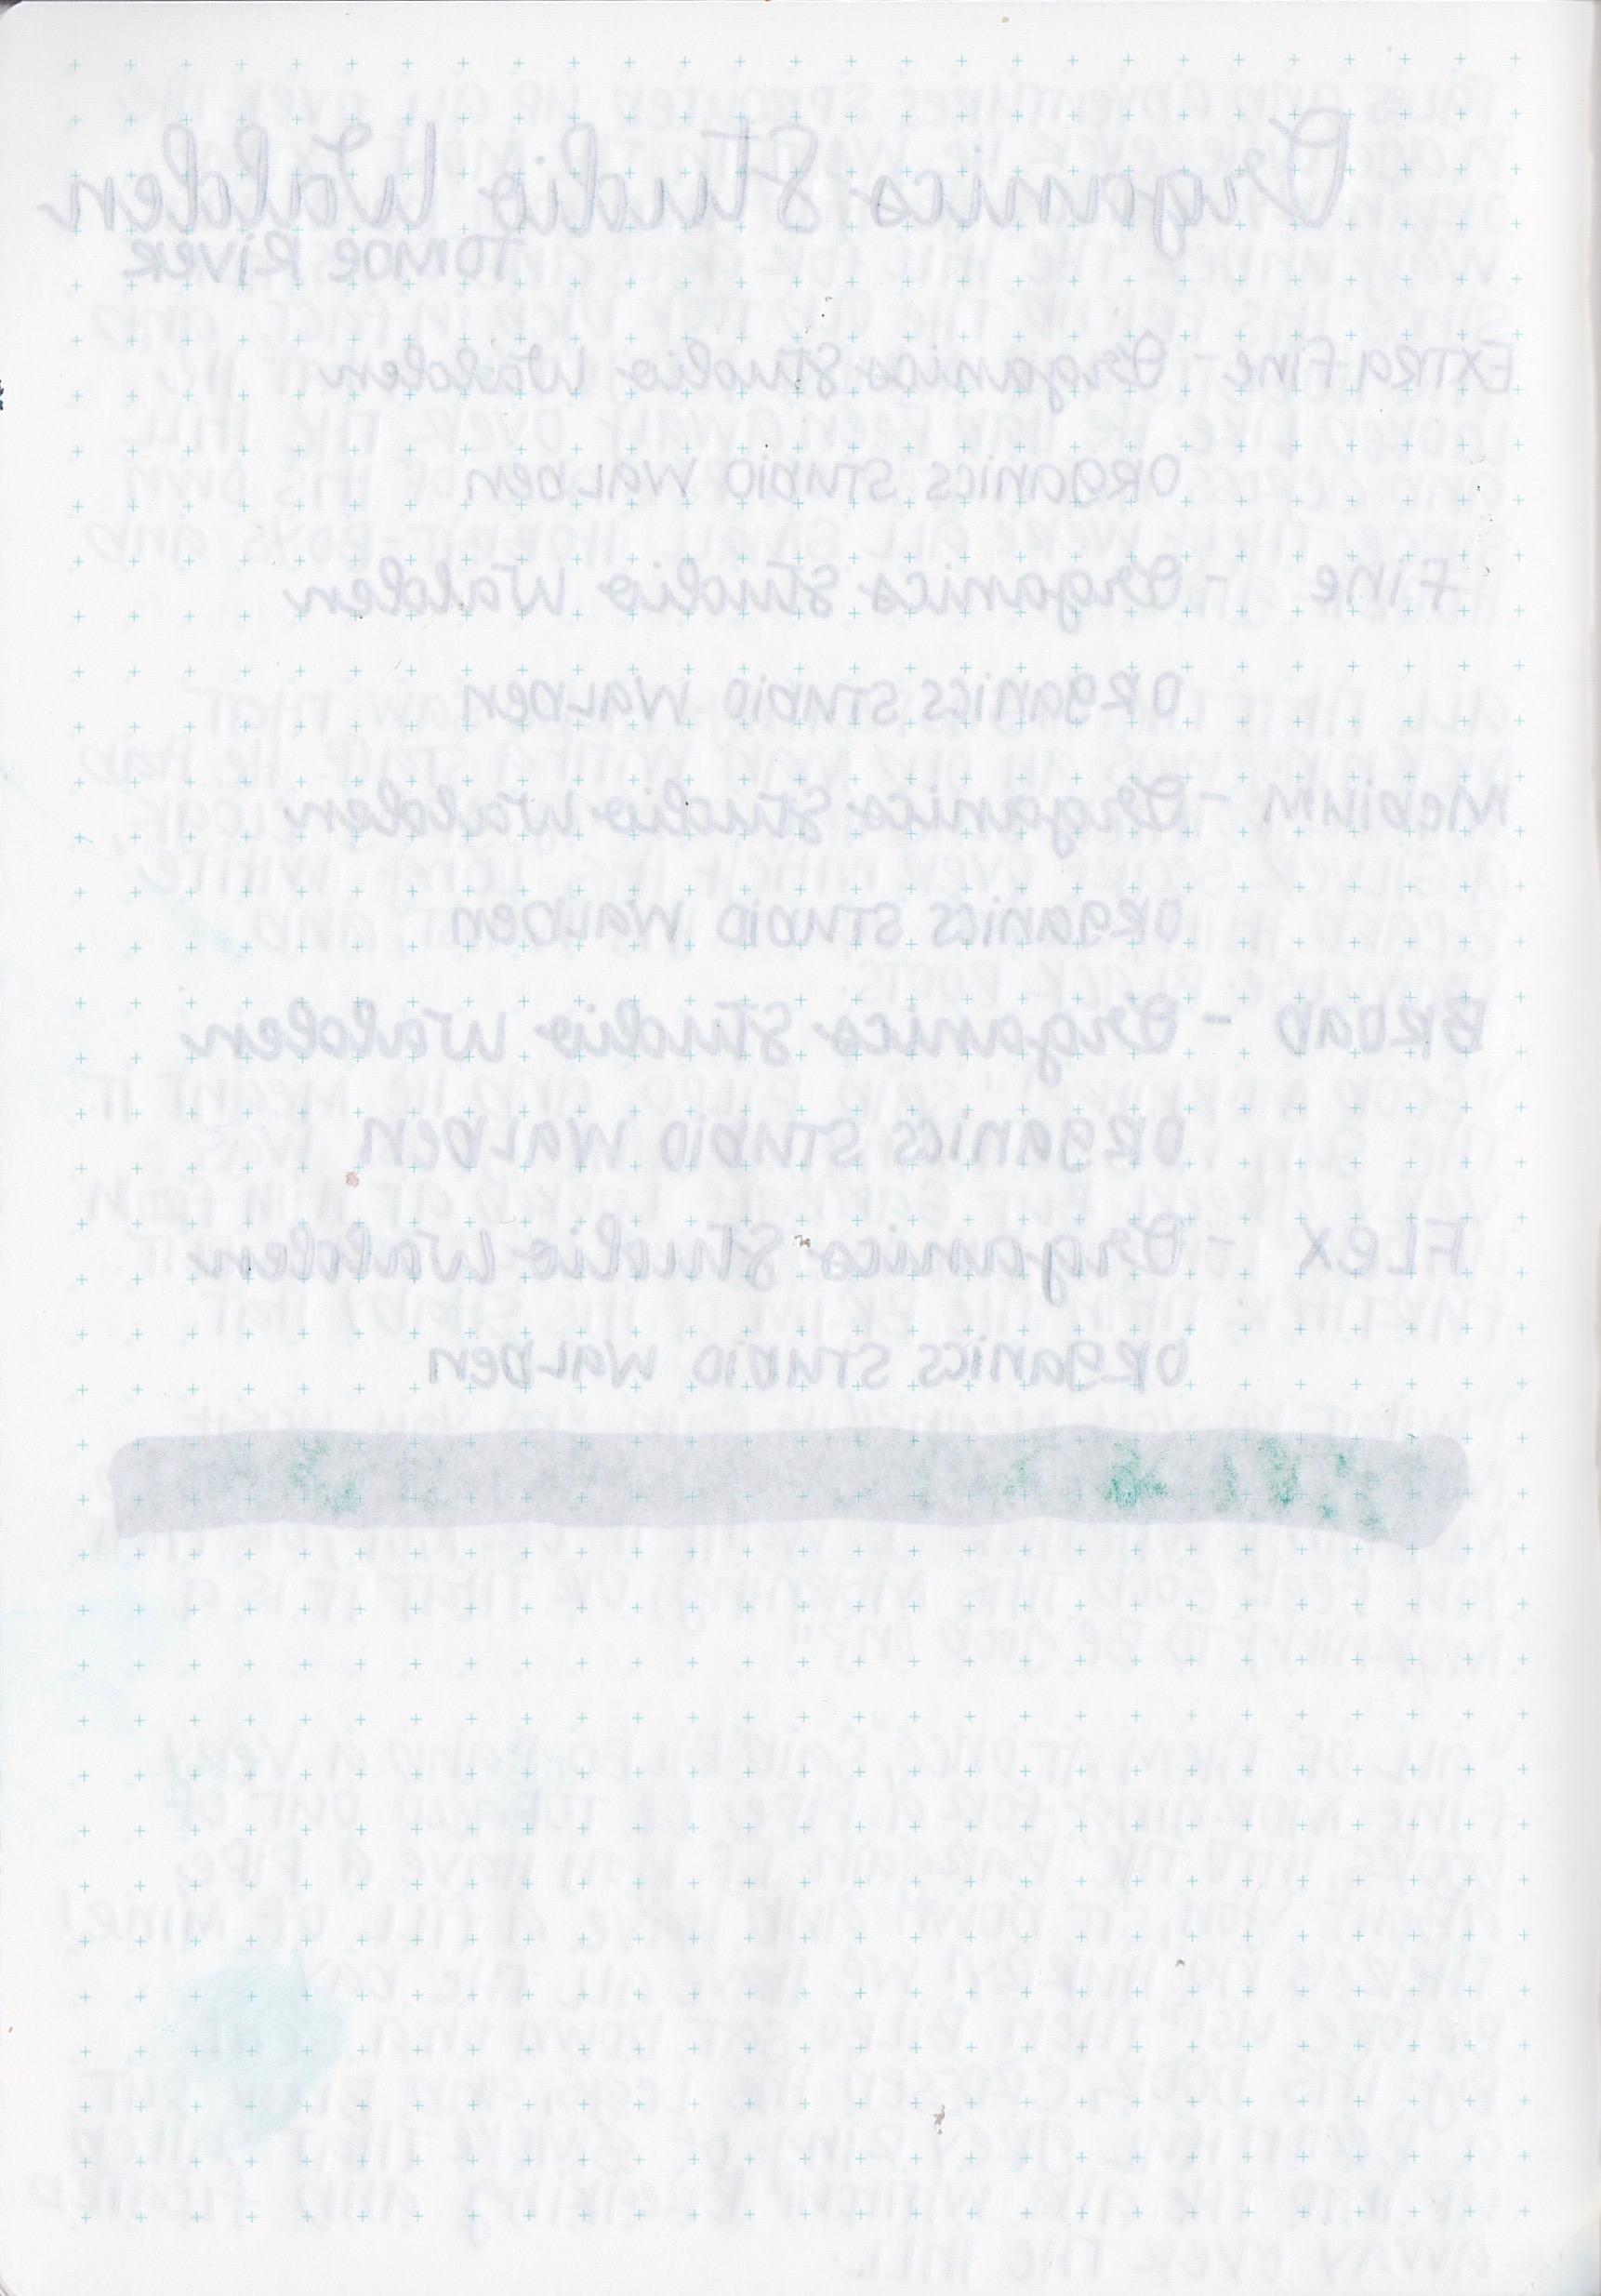 SCN_0069.jpg